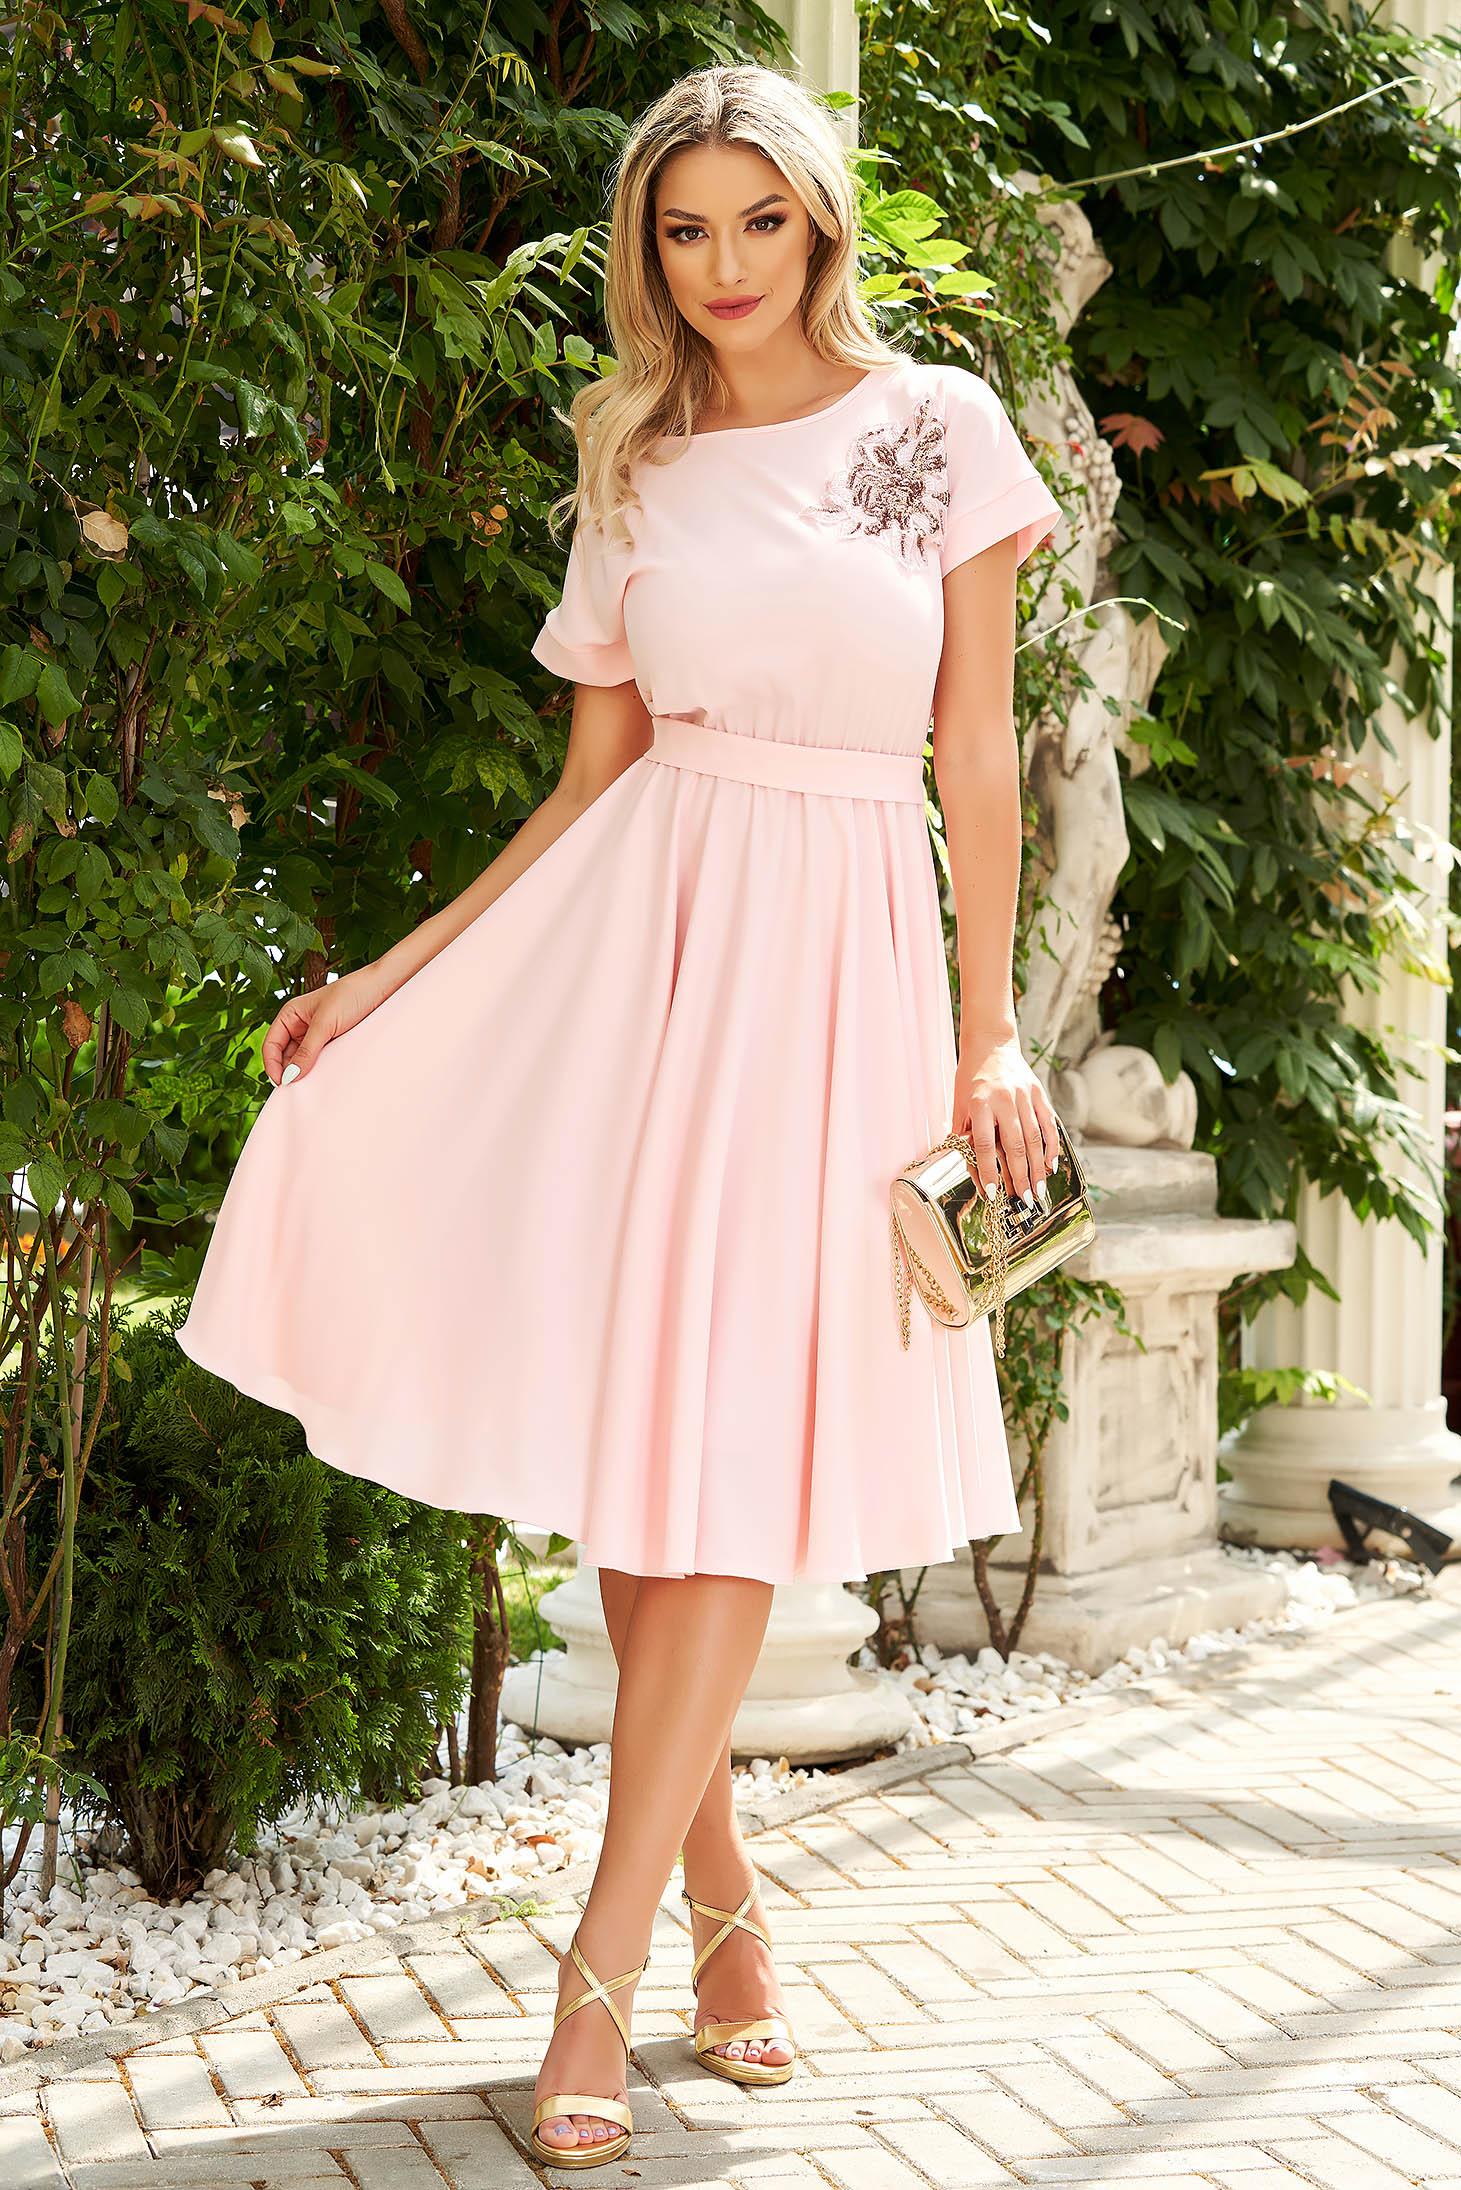 Rochie StarShinerS roz deschis de ocazie in clos cu maneci scurte accesorizata cu cordon